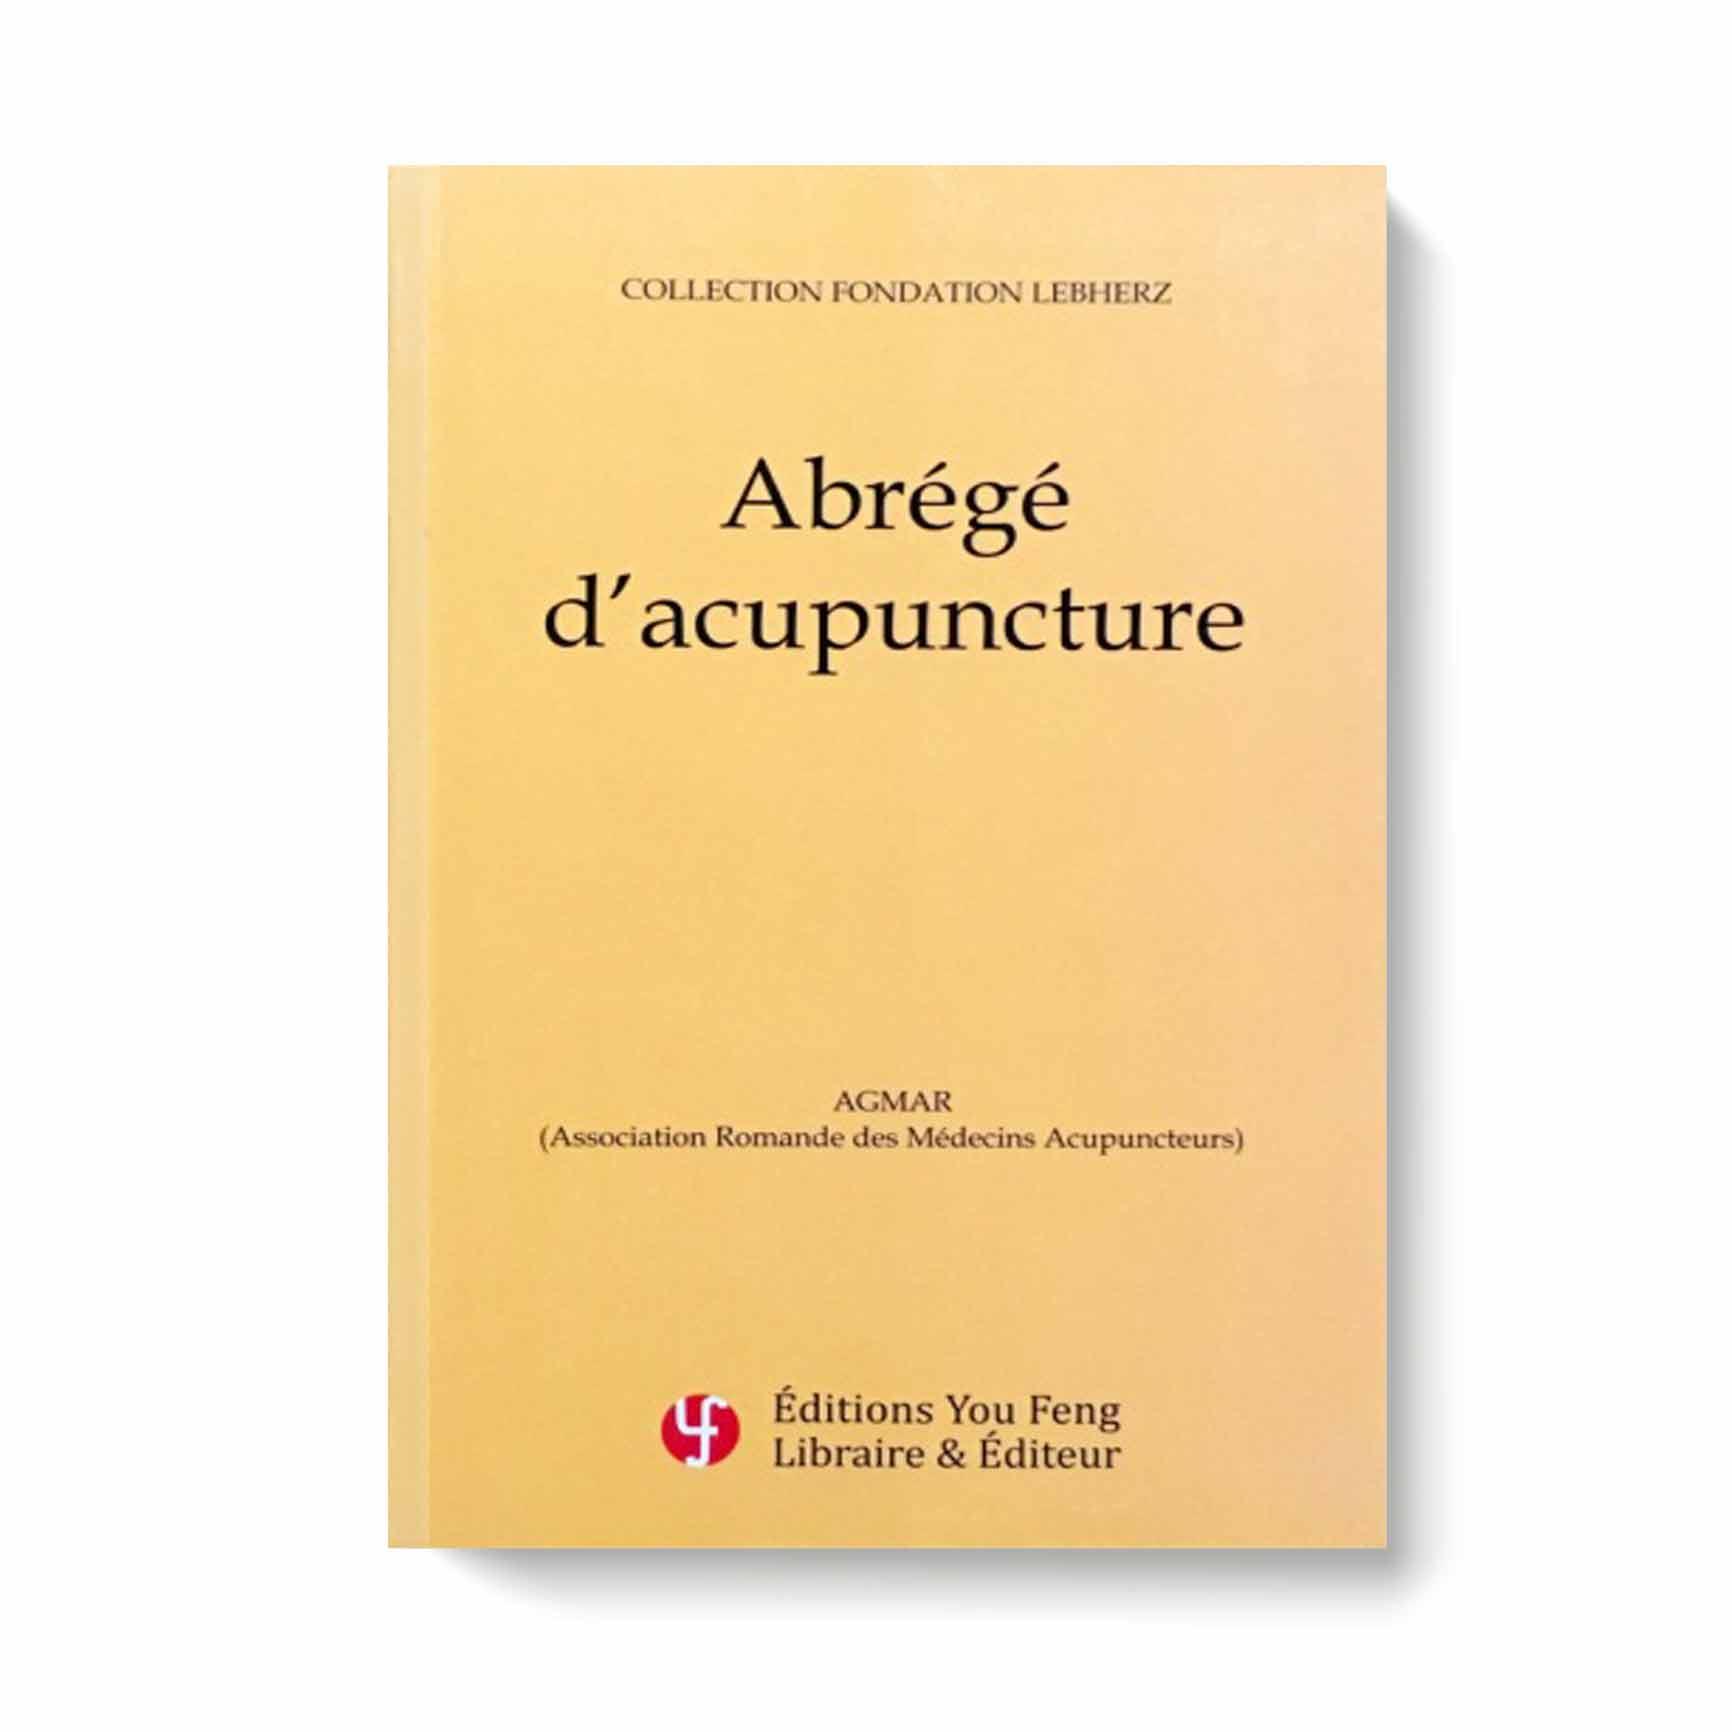 Abrégé d'acupuncture